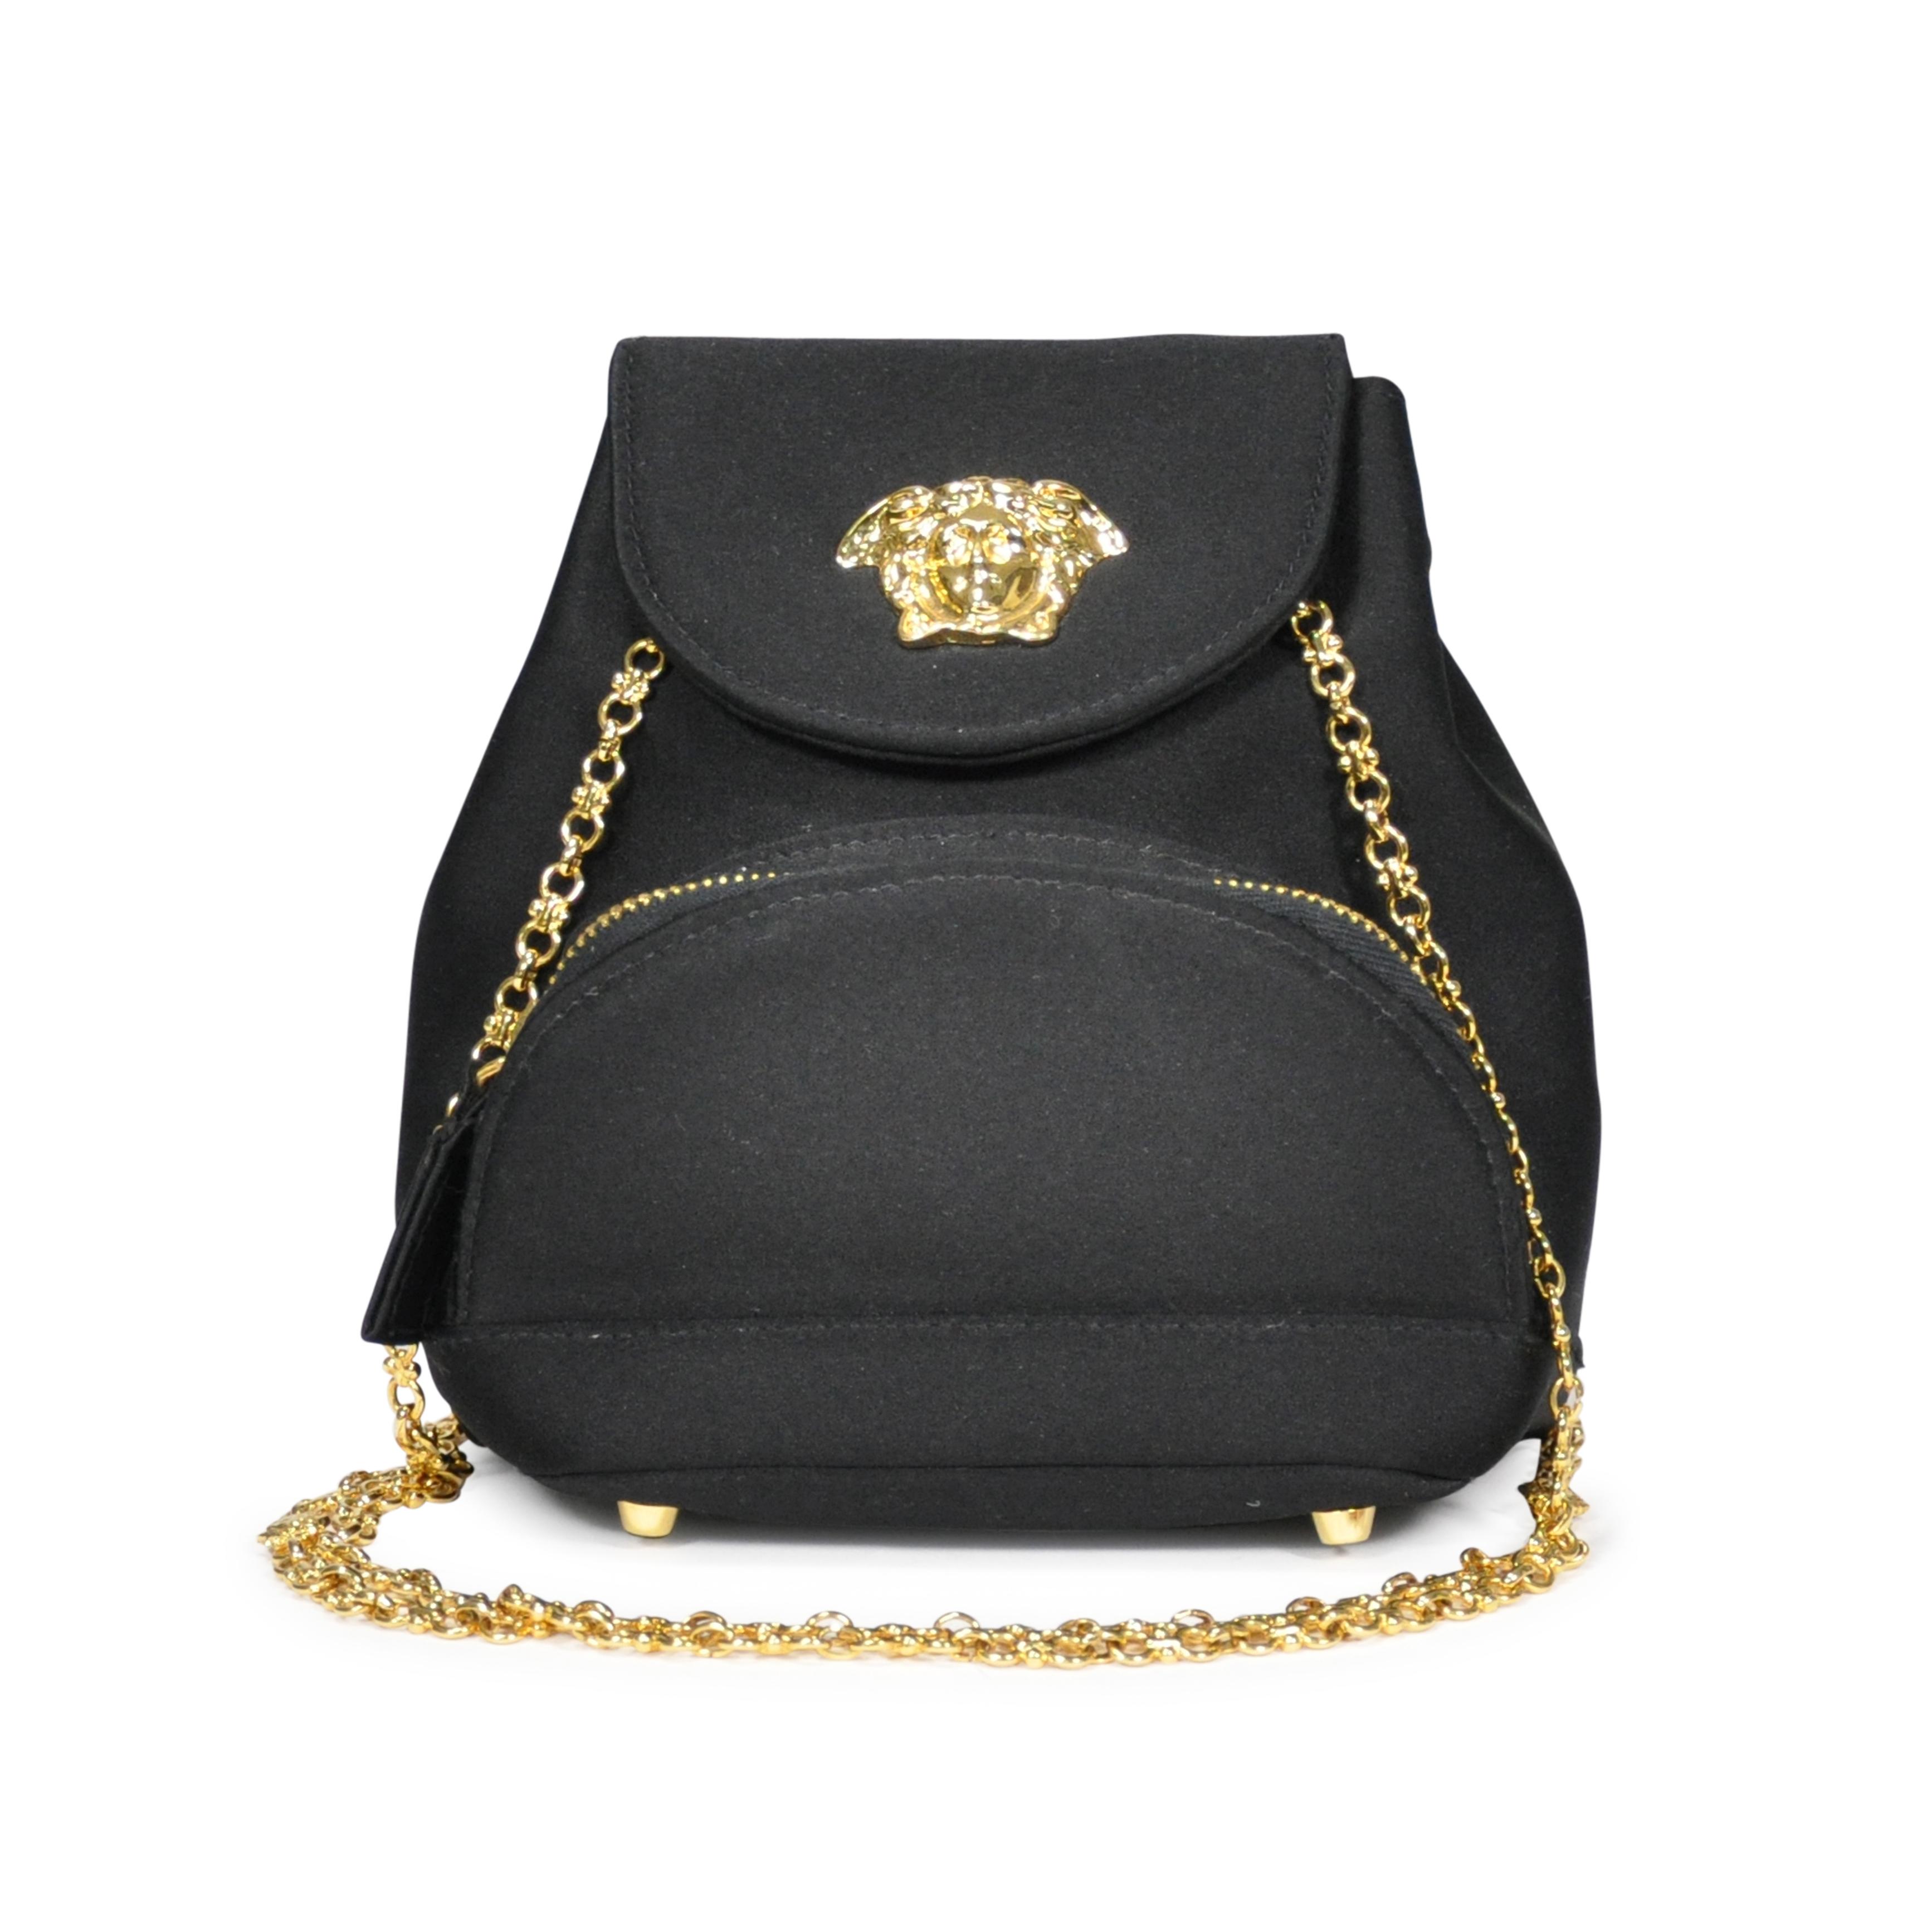 8a732a7205 Authentic Vintage Versace Medusa Satin Bag (PSS-045-00081)